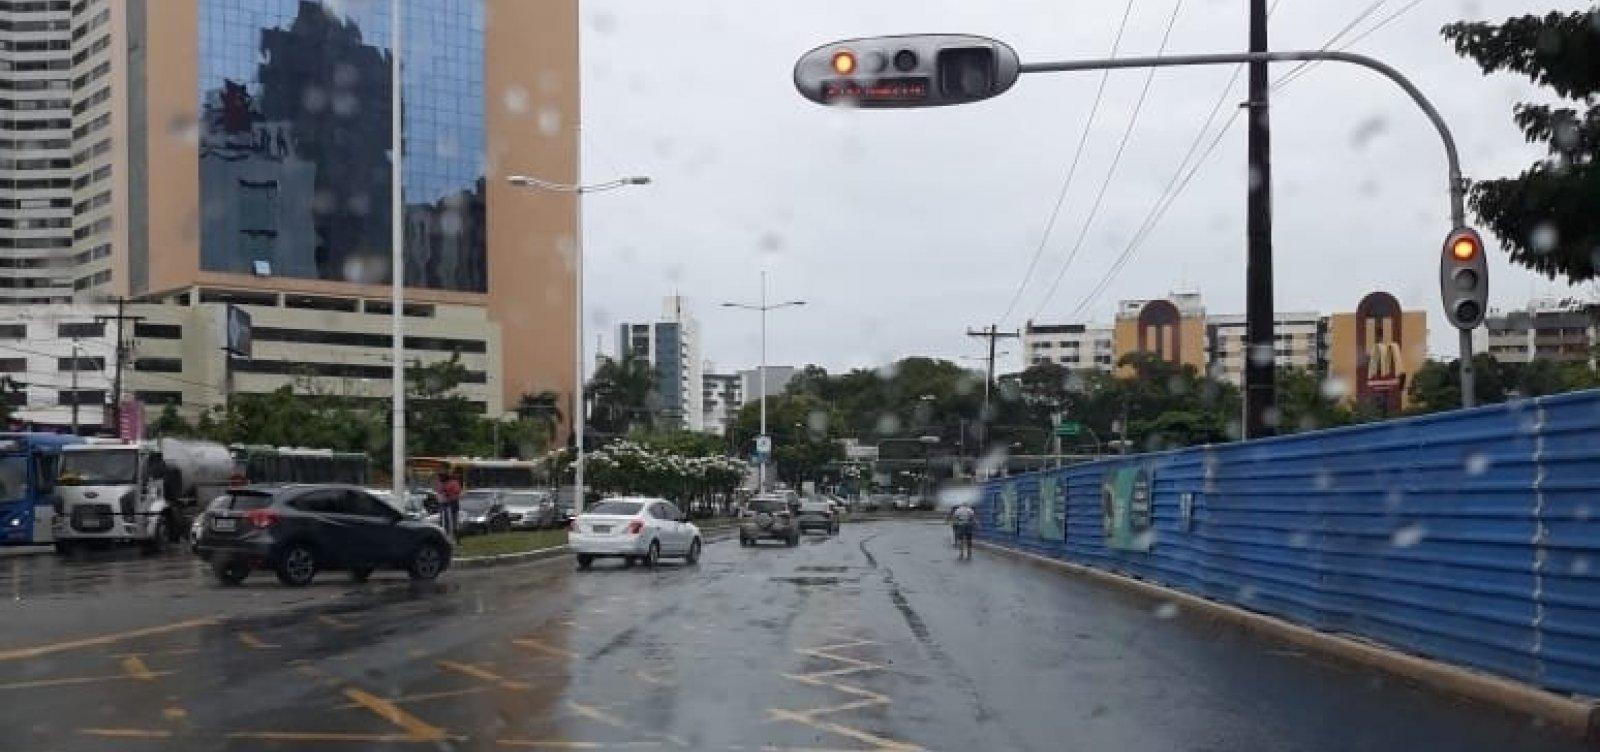 [Em dia de chuva, Defesa Civil registra 36 solicitações em Salvador]